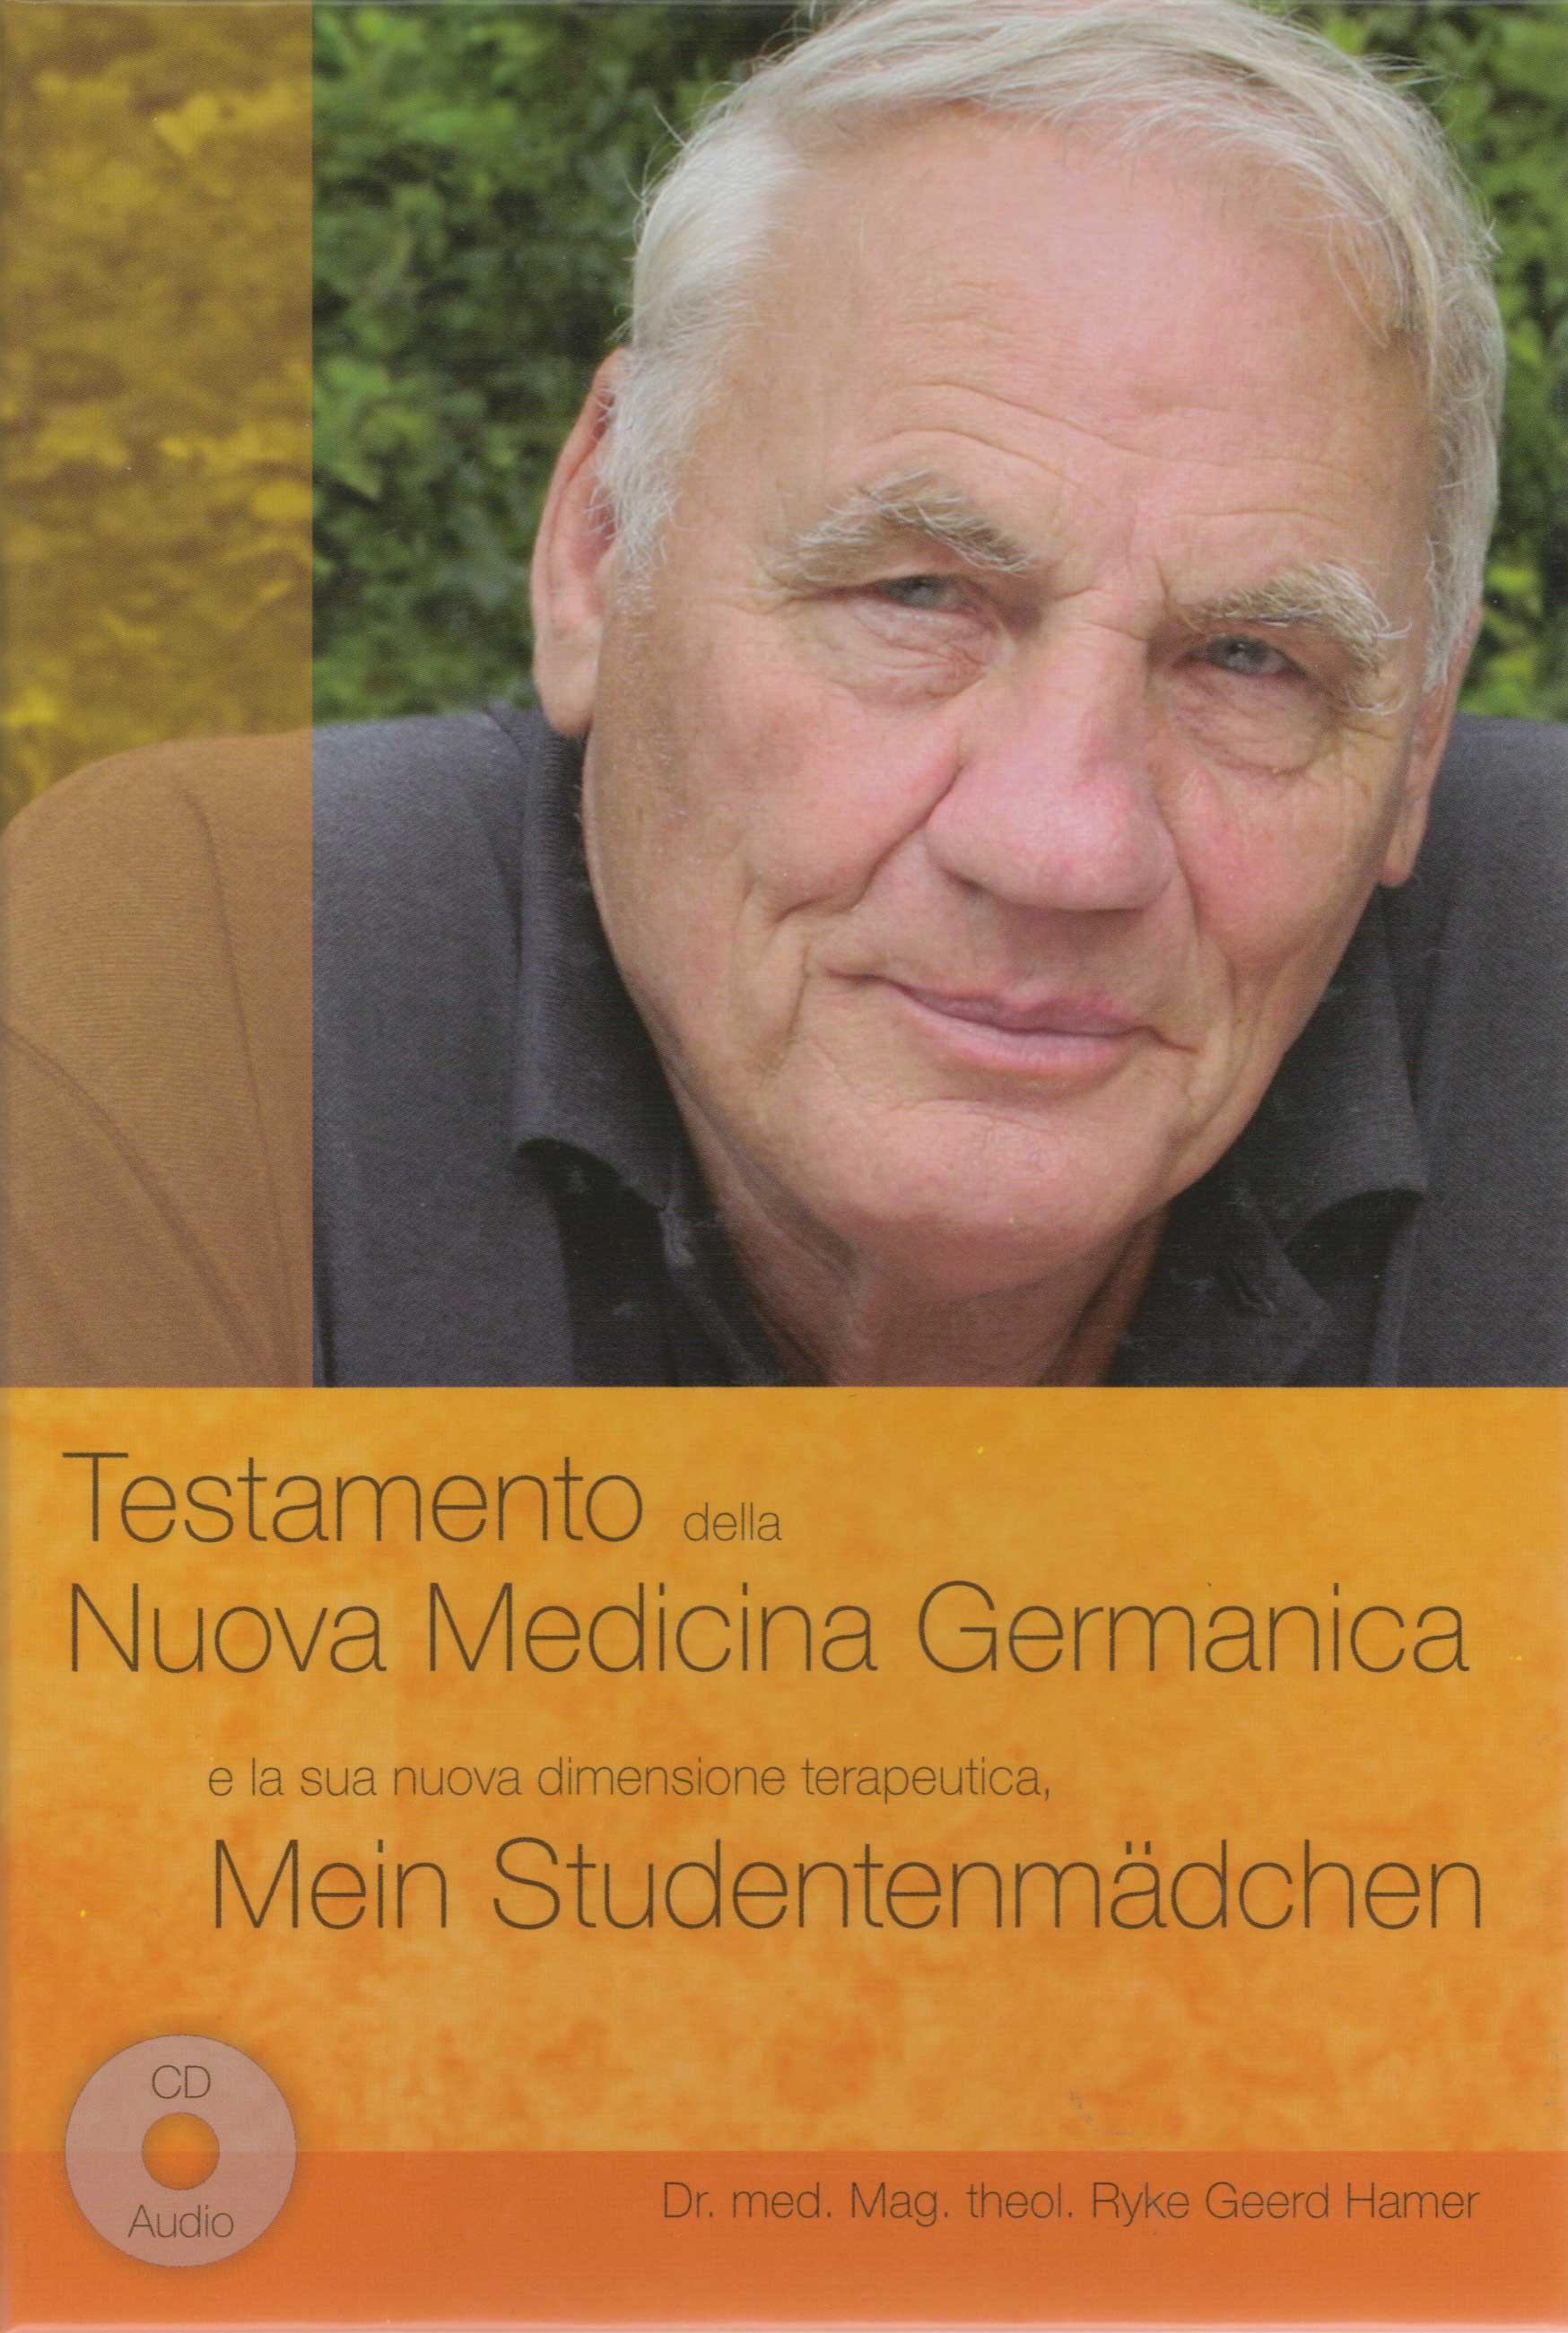 Testamento per una Nuova Medicina Germanica e la sua nuova dimensione terapeudica, Mein Studentenmädchen